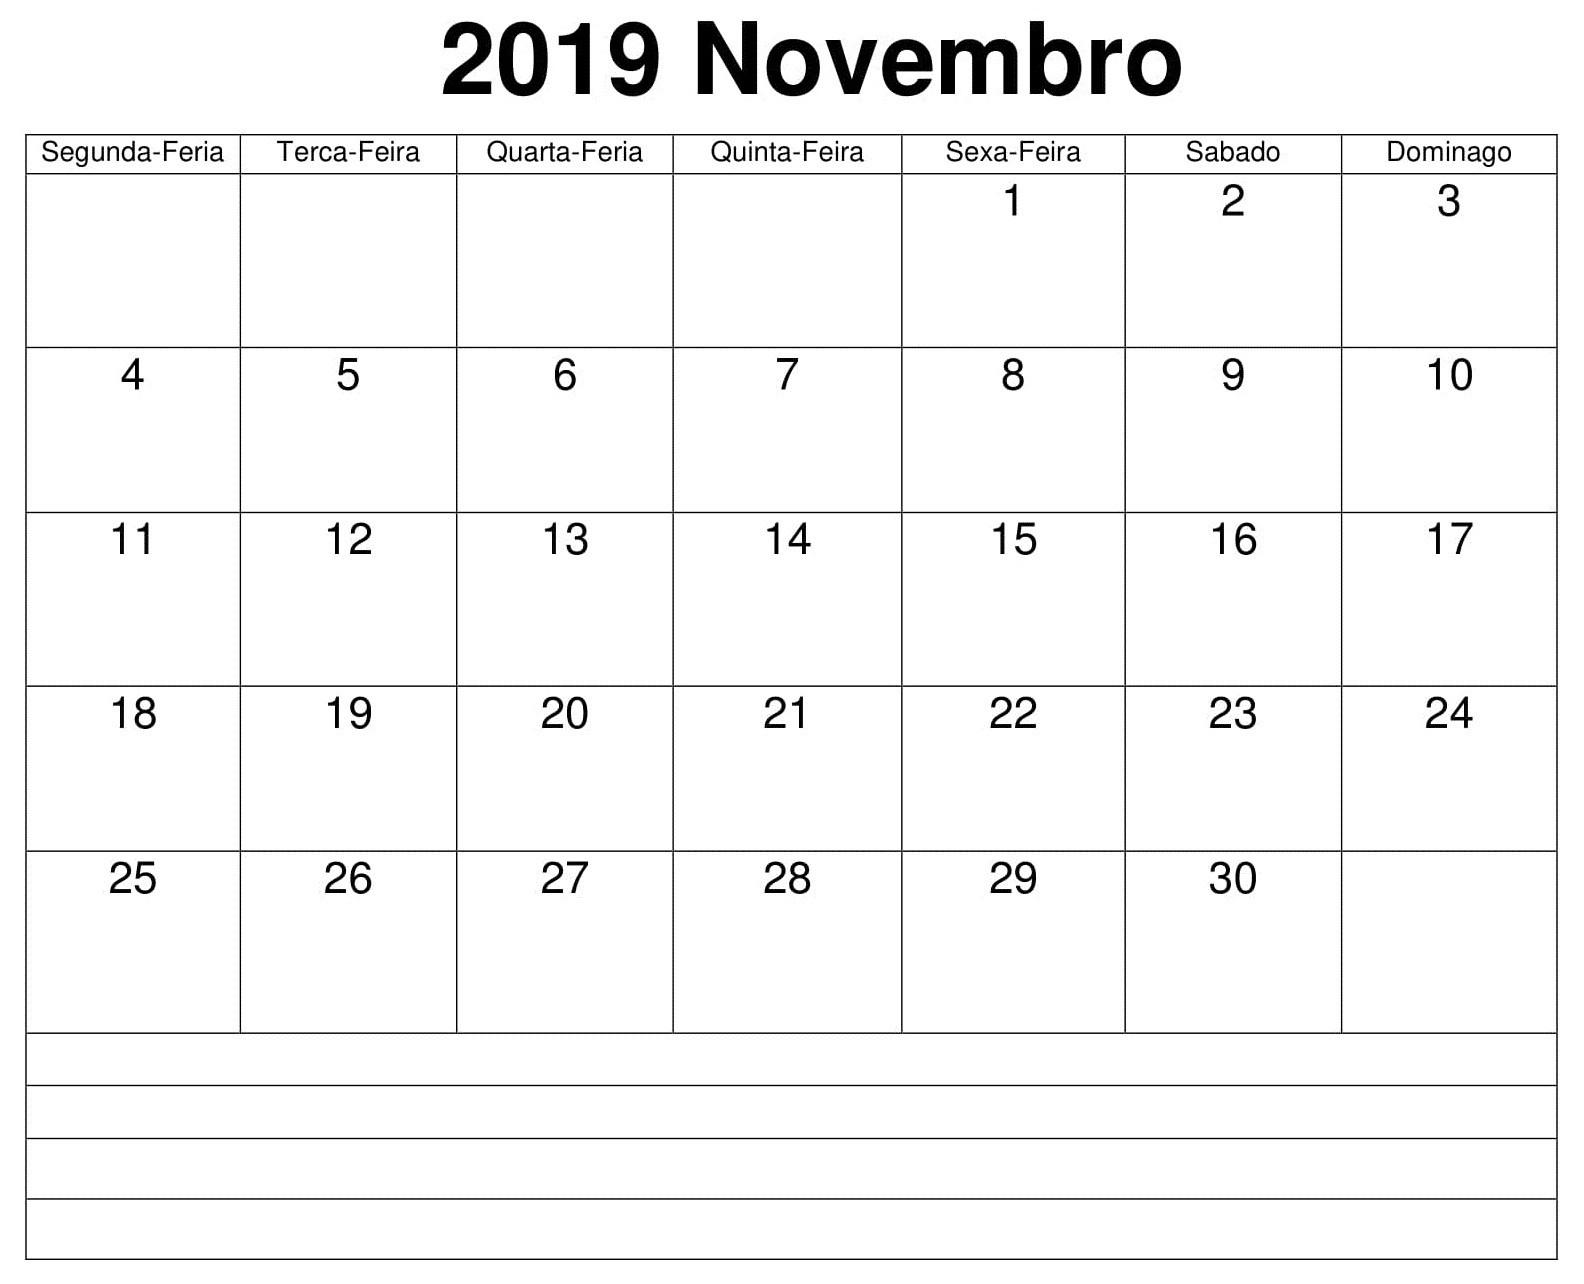 Calendario 2019 Chile Imprimir Excel Más Recientemente Liberado Calendario 2019 Calendario 2019 Para Imprimir Of Calendario 2019 Chile Imprimir Excel Más Actual Calendario Abril 2019 Para Imprimir